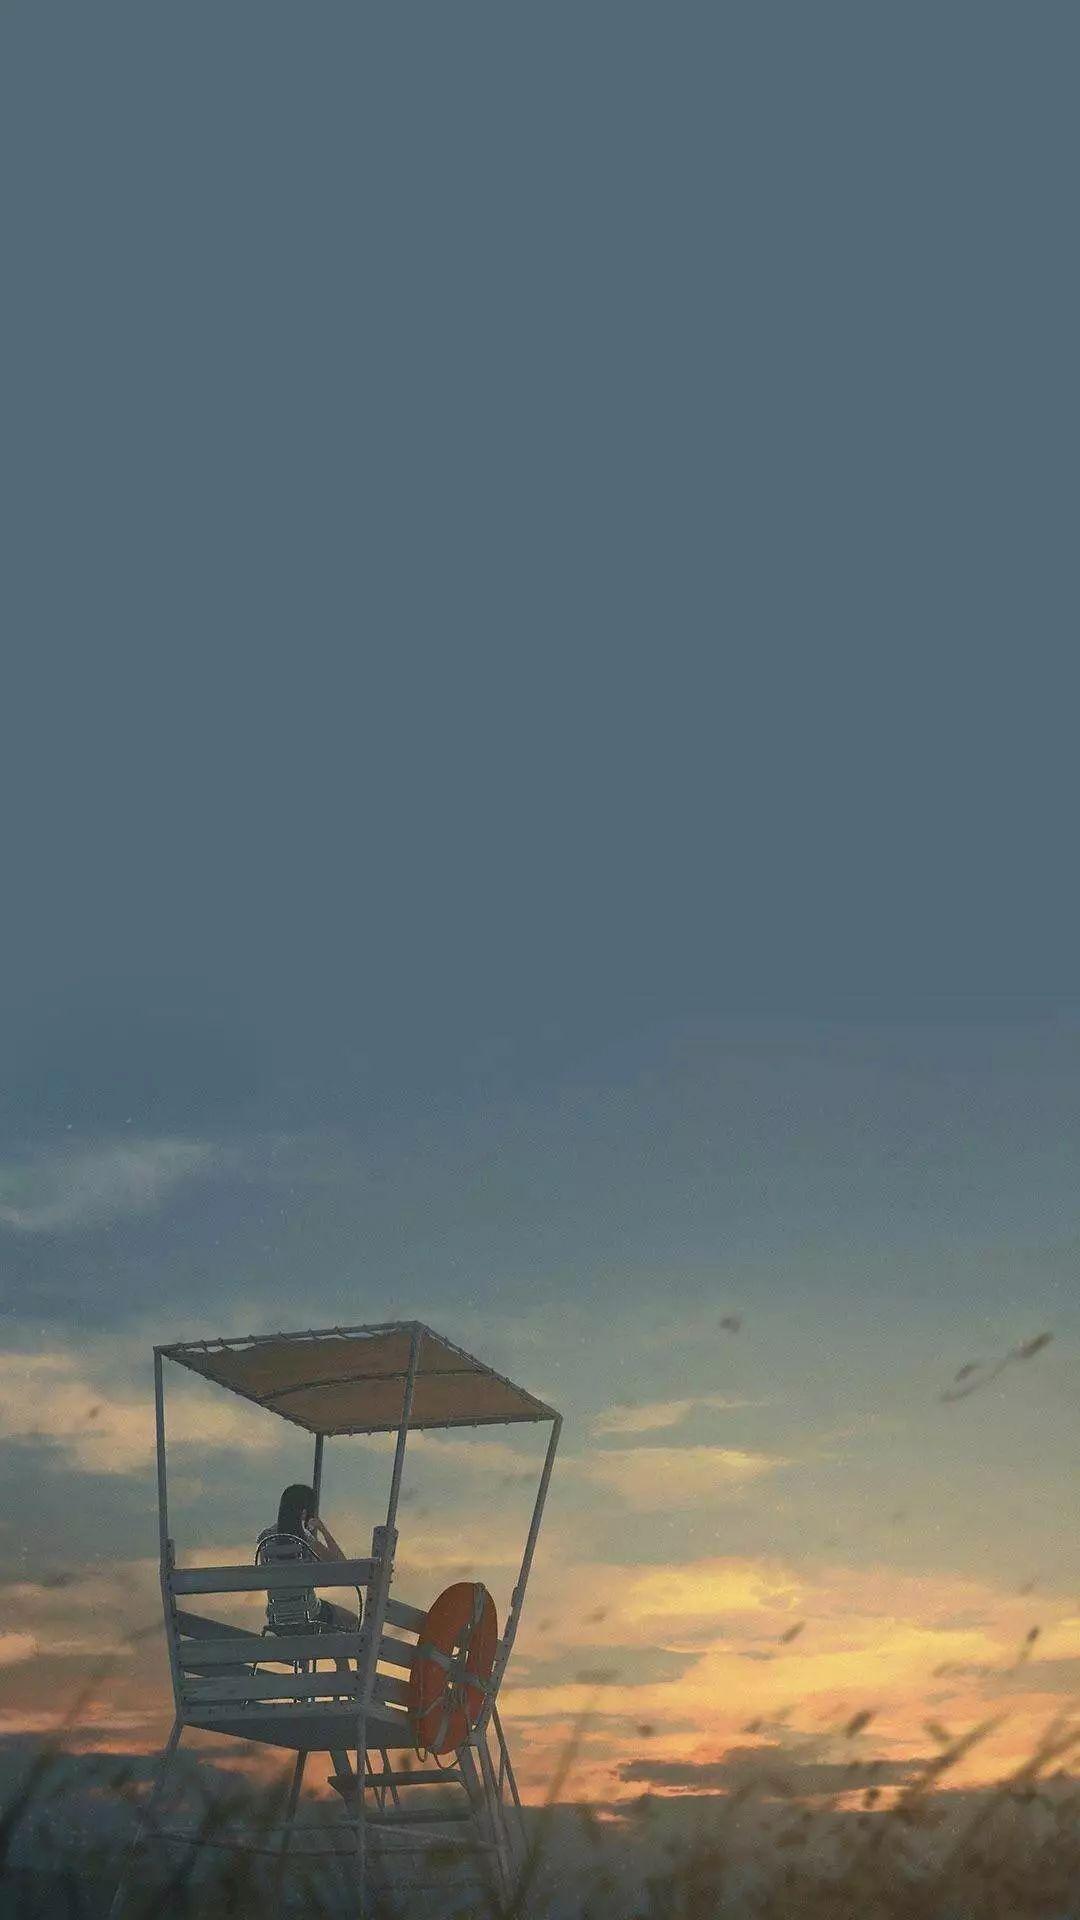 【唯美动漫壁纸】高清版插图7